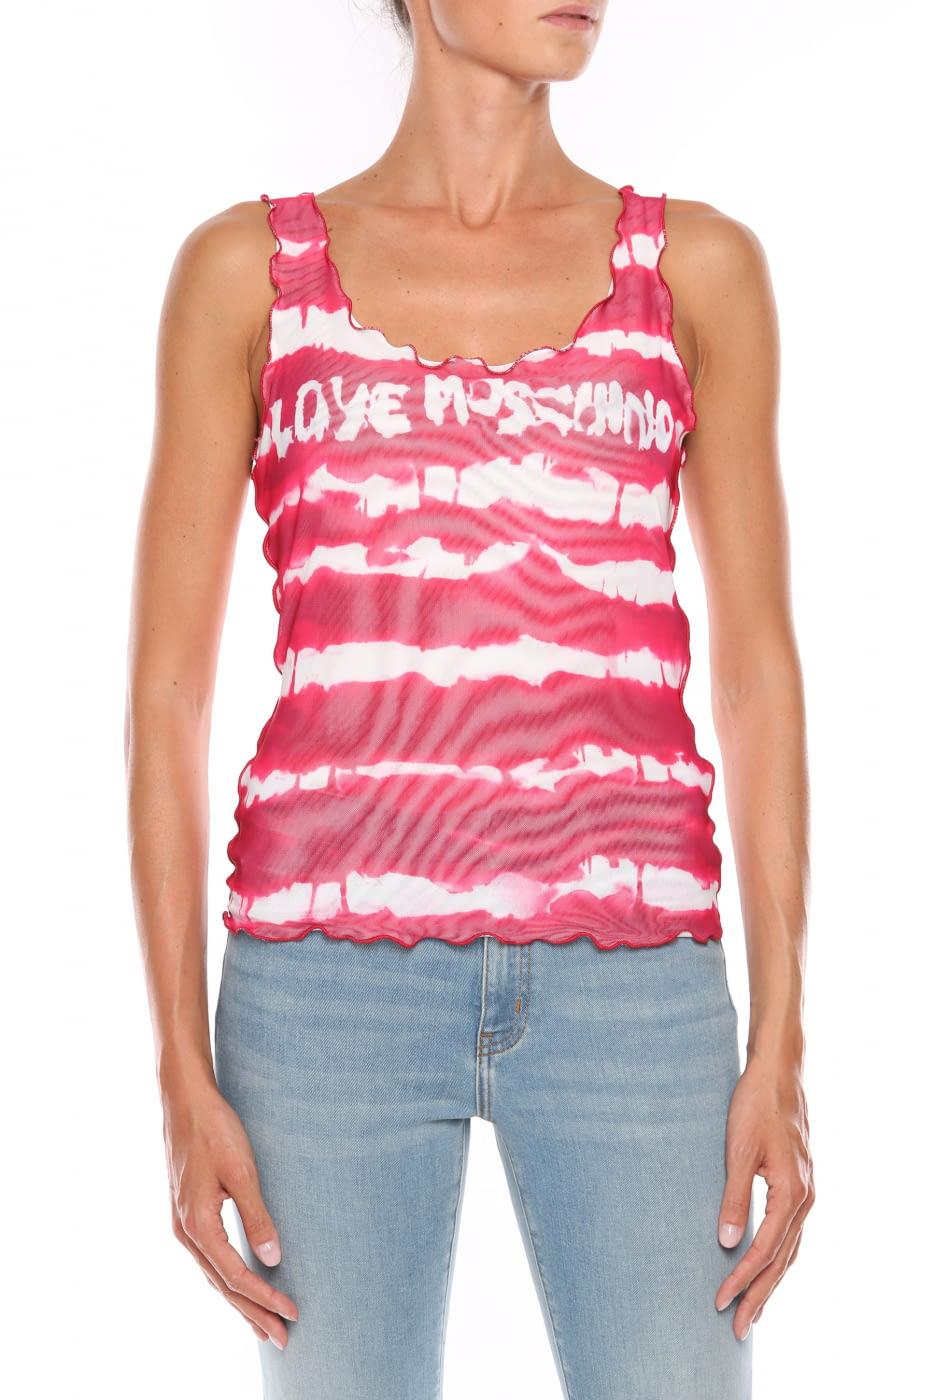 LOVE MOSCHINO camiseta sin mangas rojo y blanco con rayas y logo